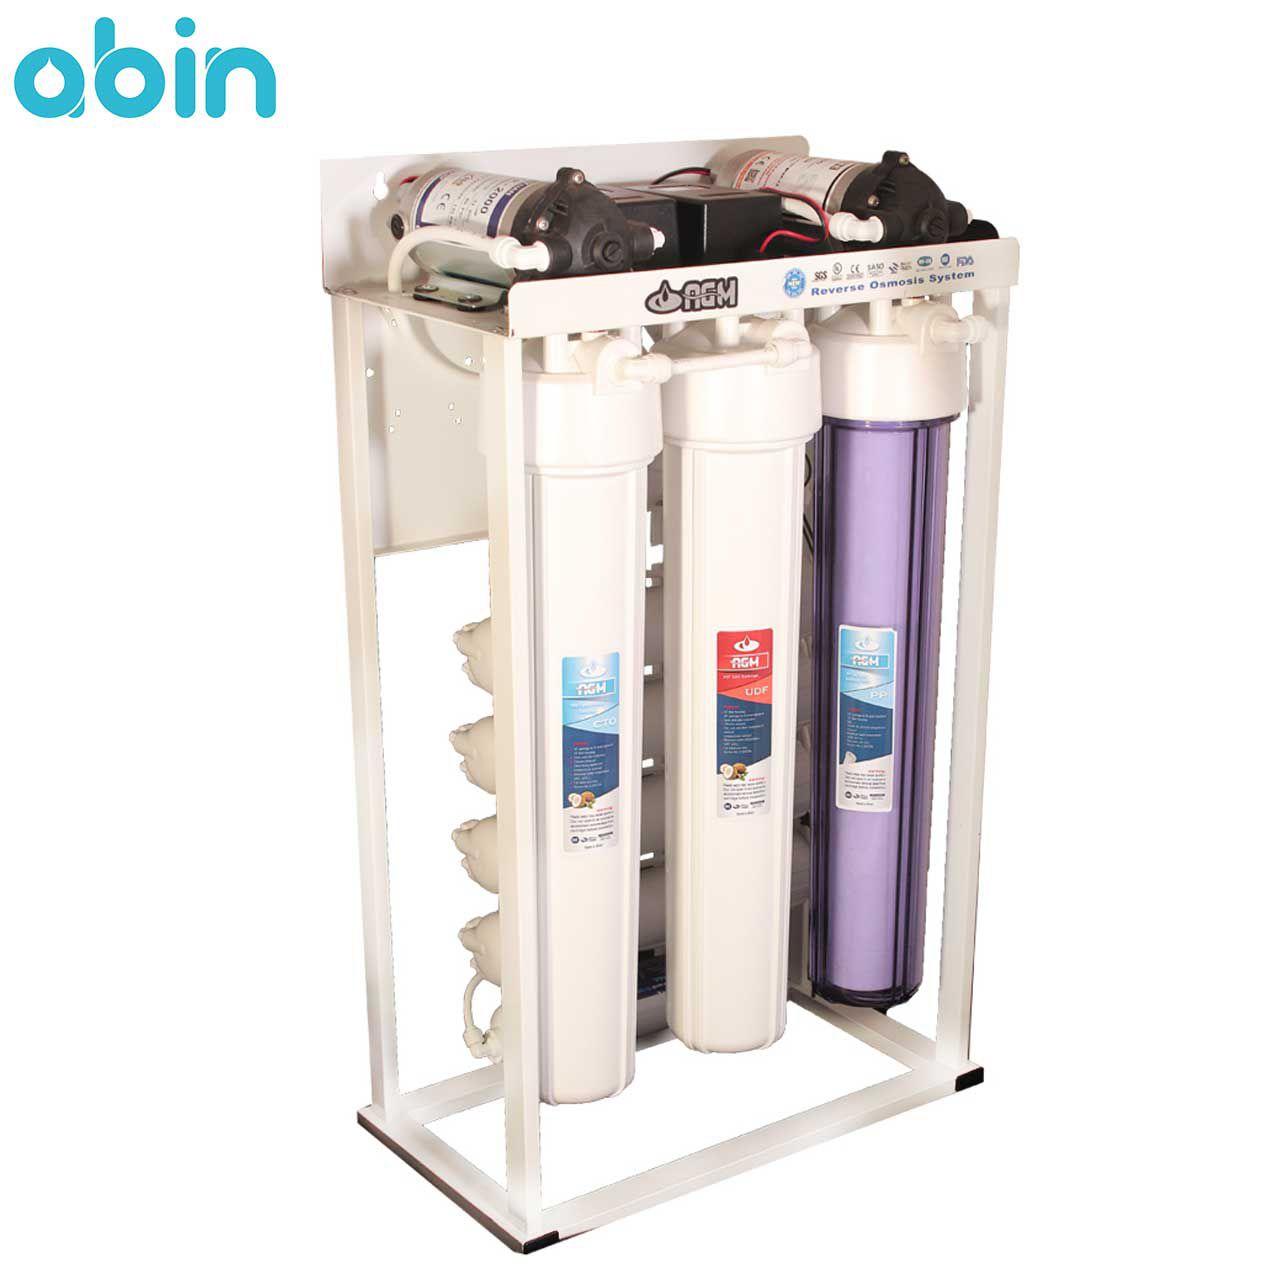 دستگاه تصفیه آب نیمه صنعتی 400 گالن ای جی ام (AGM)